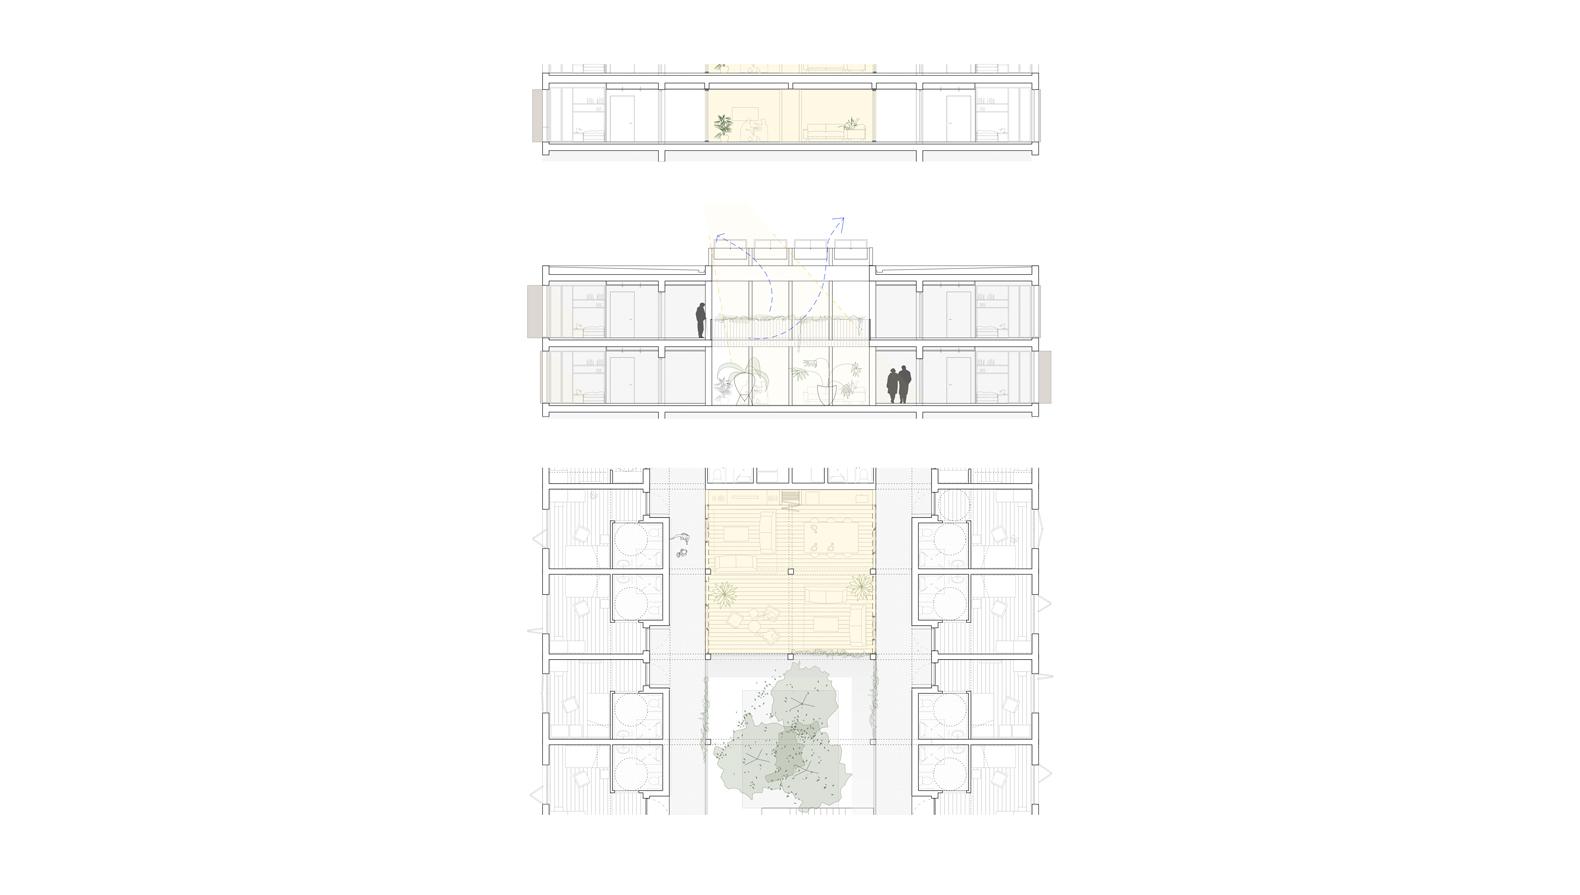 Grundriss und Schnitt der Innenhöfe